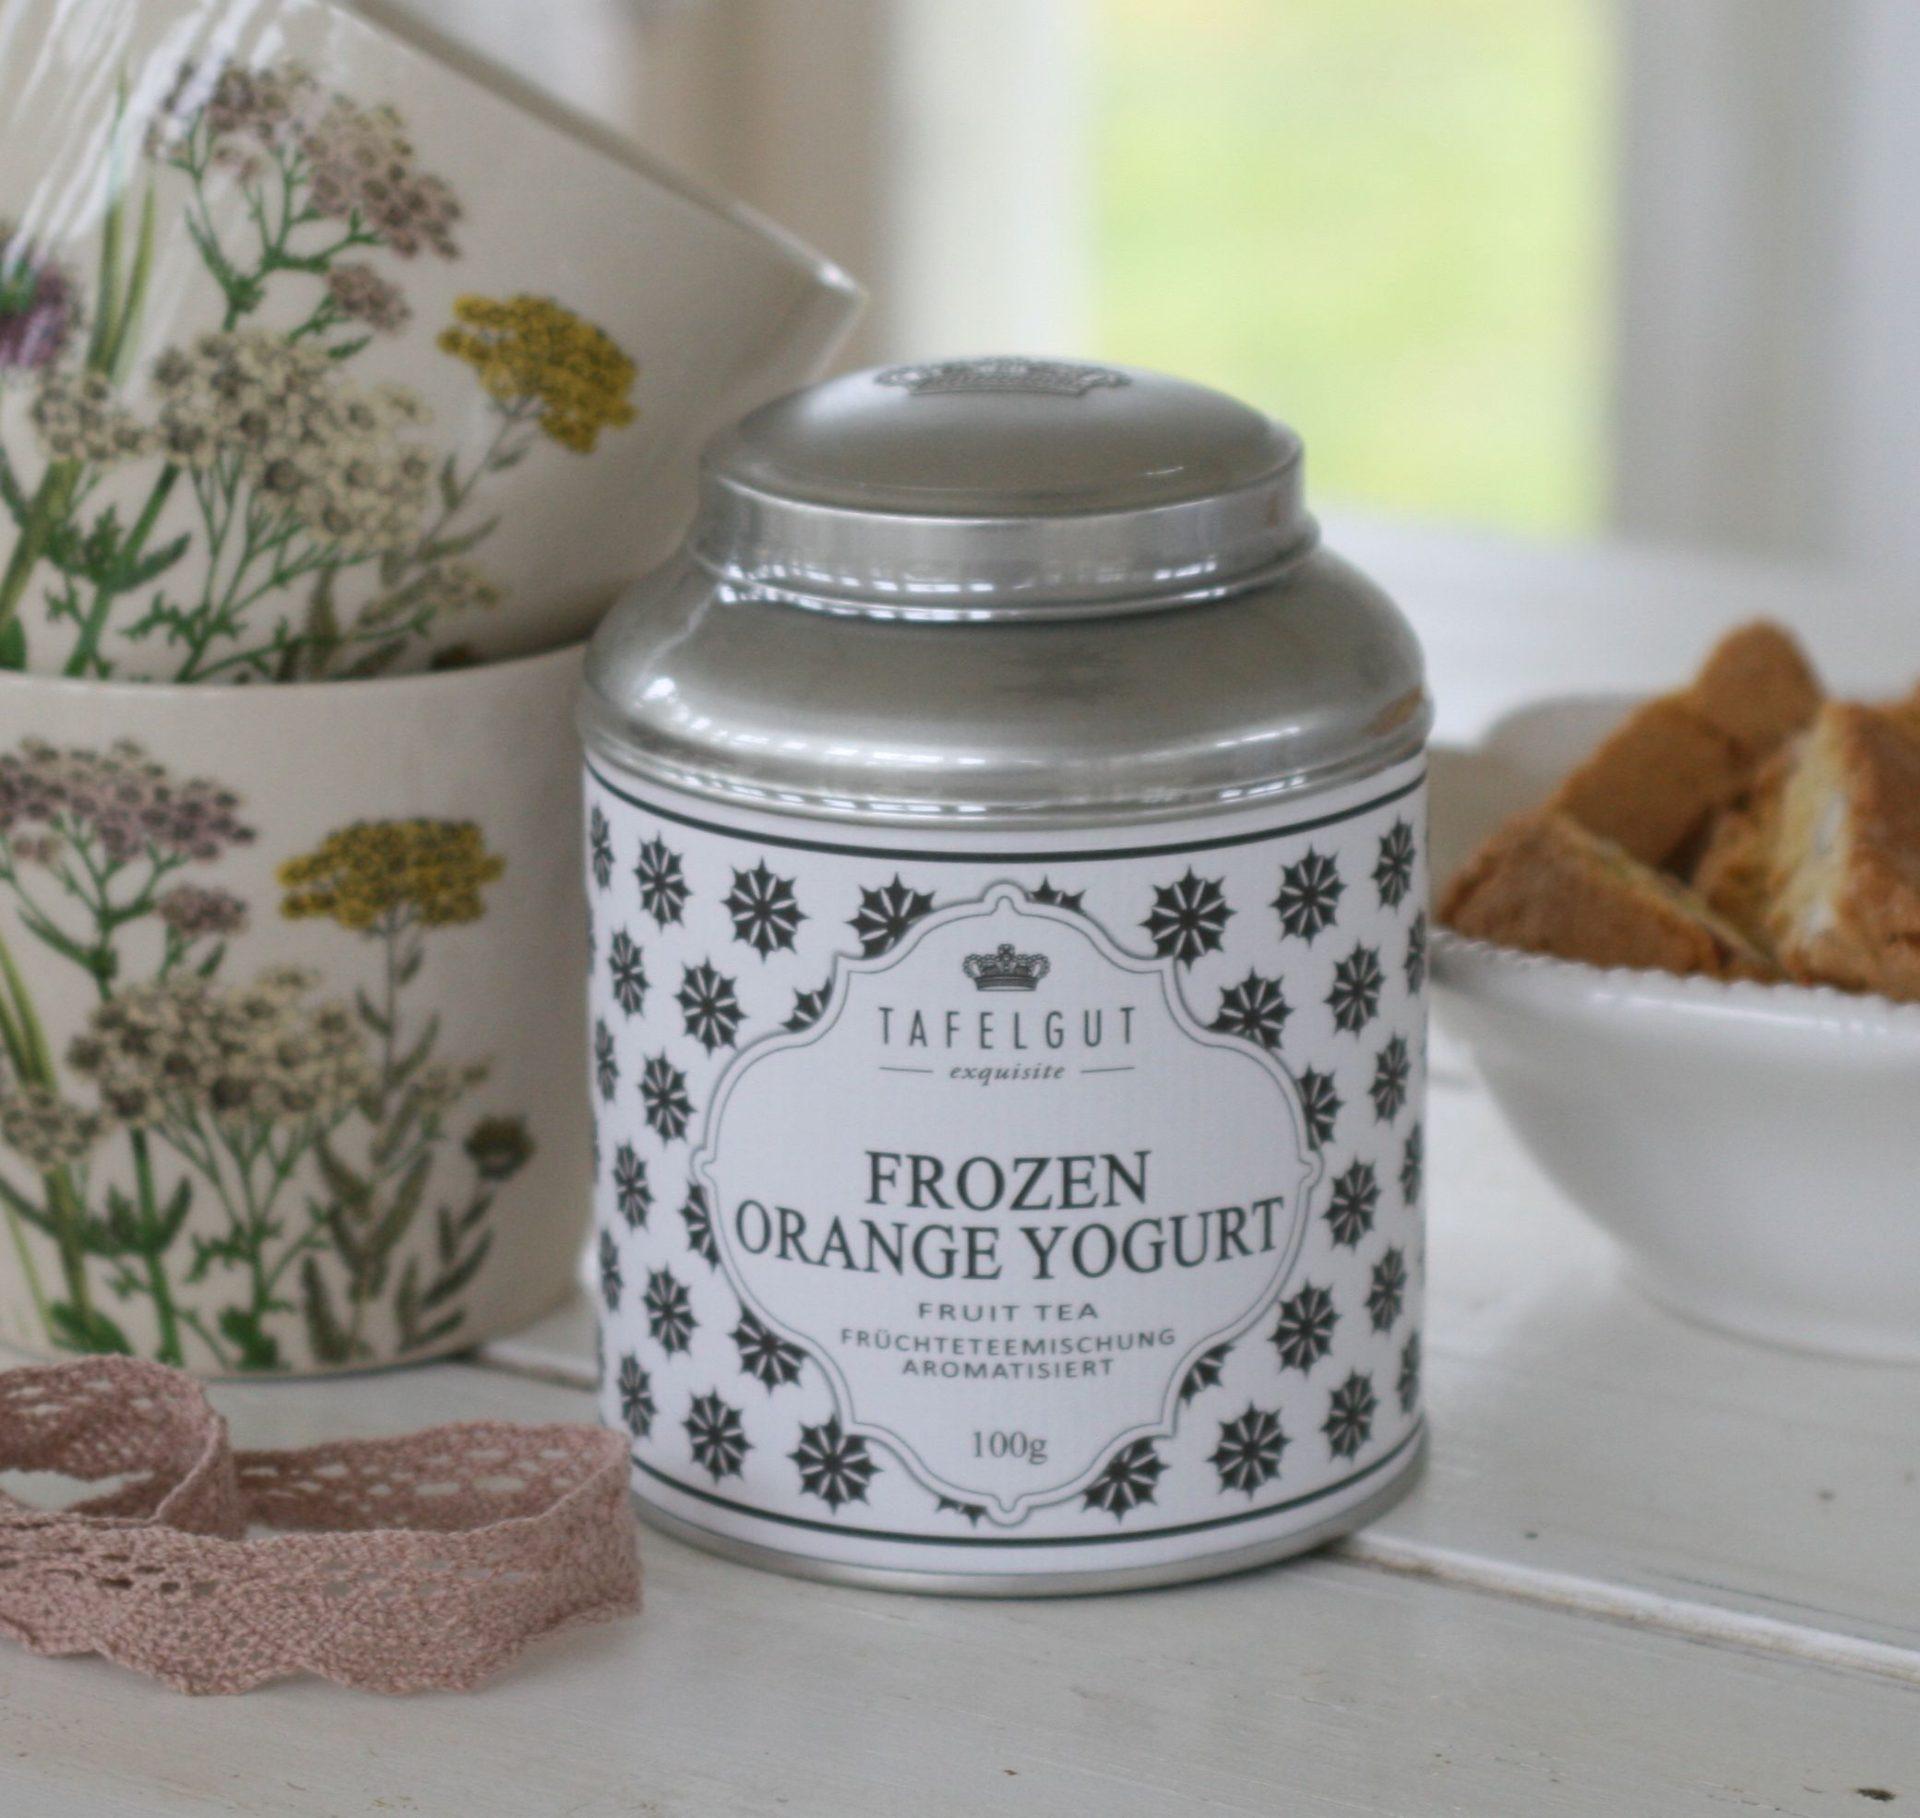 Tafelgut - Frozen orange yogurt tea